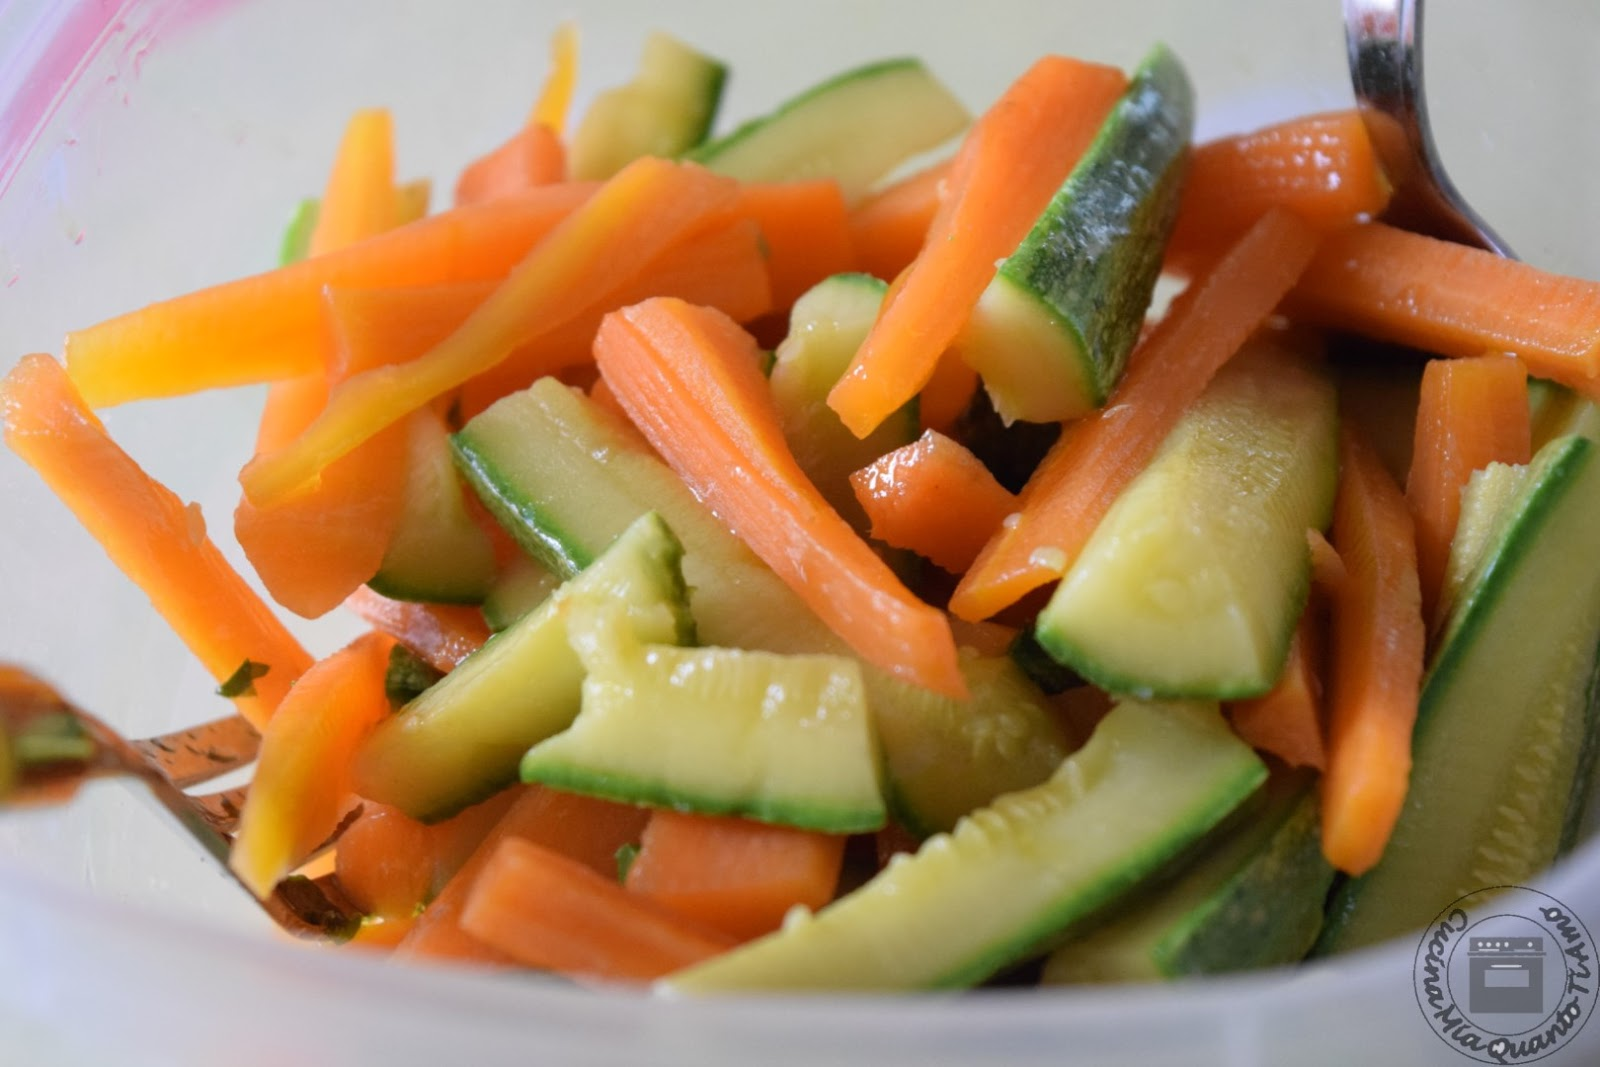 Ricetta Zucchine Bollite.Cucina Mia Quanto Ti Amo Carote E Zucchine Lesse